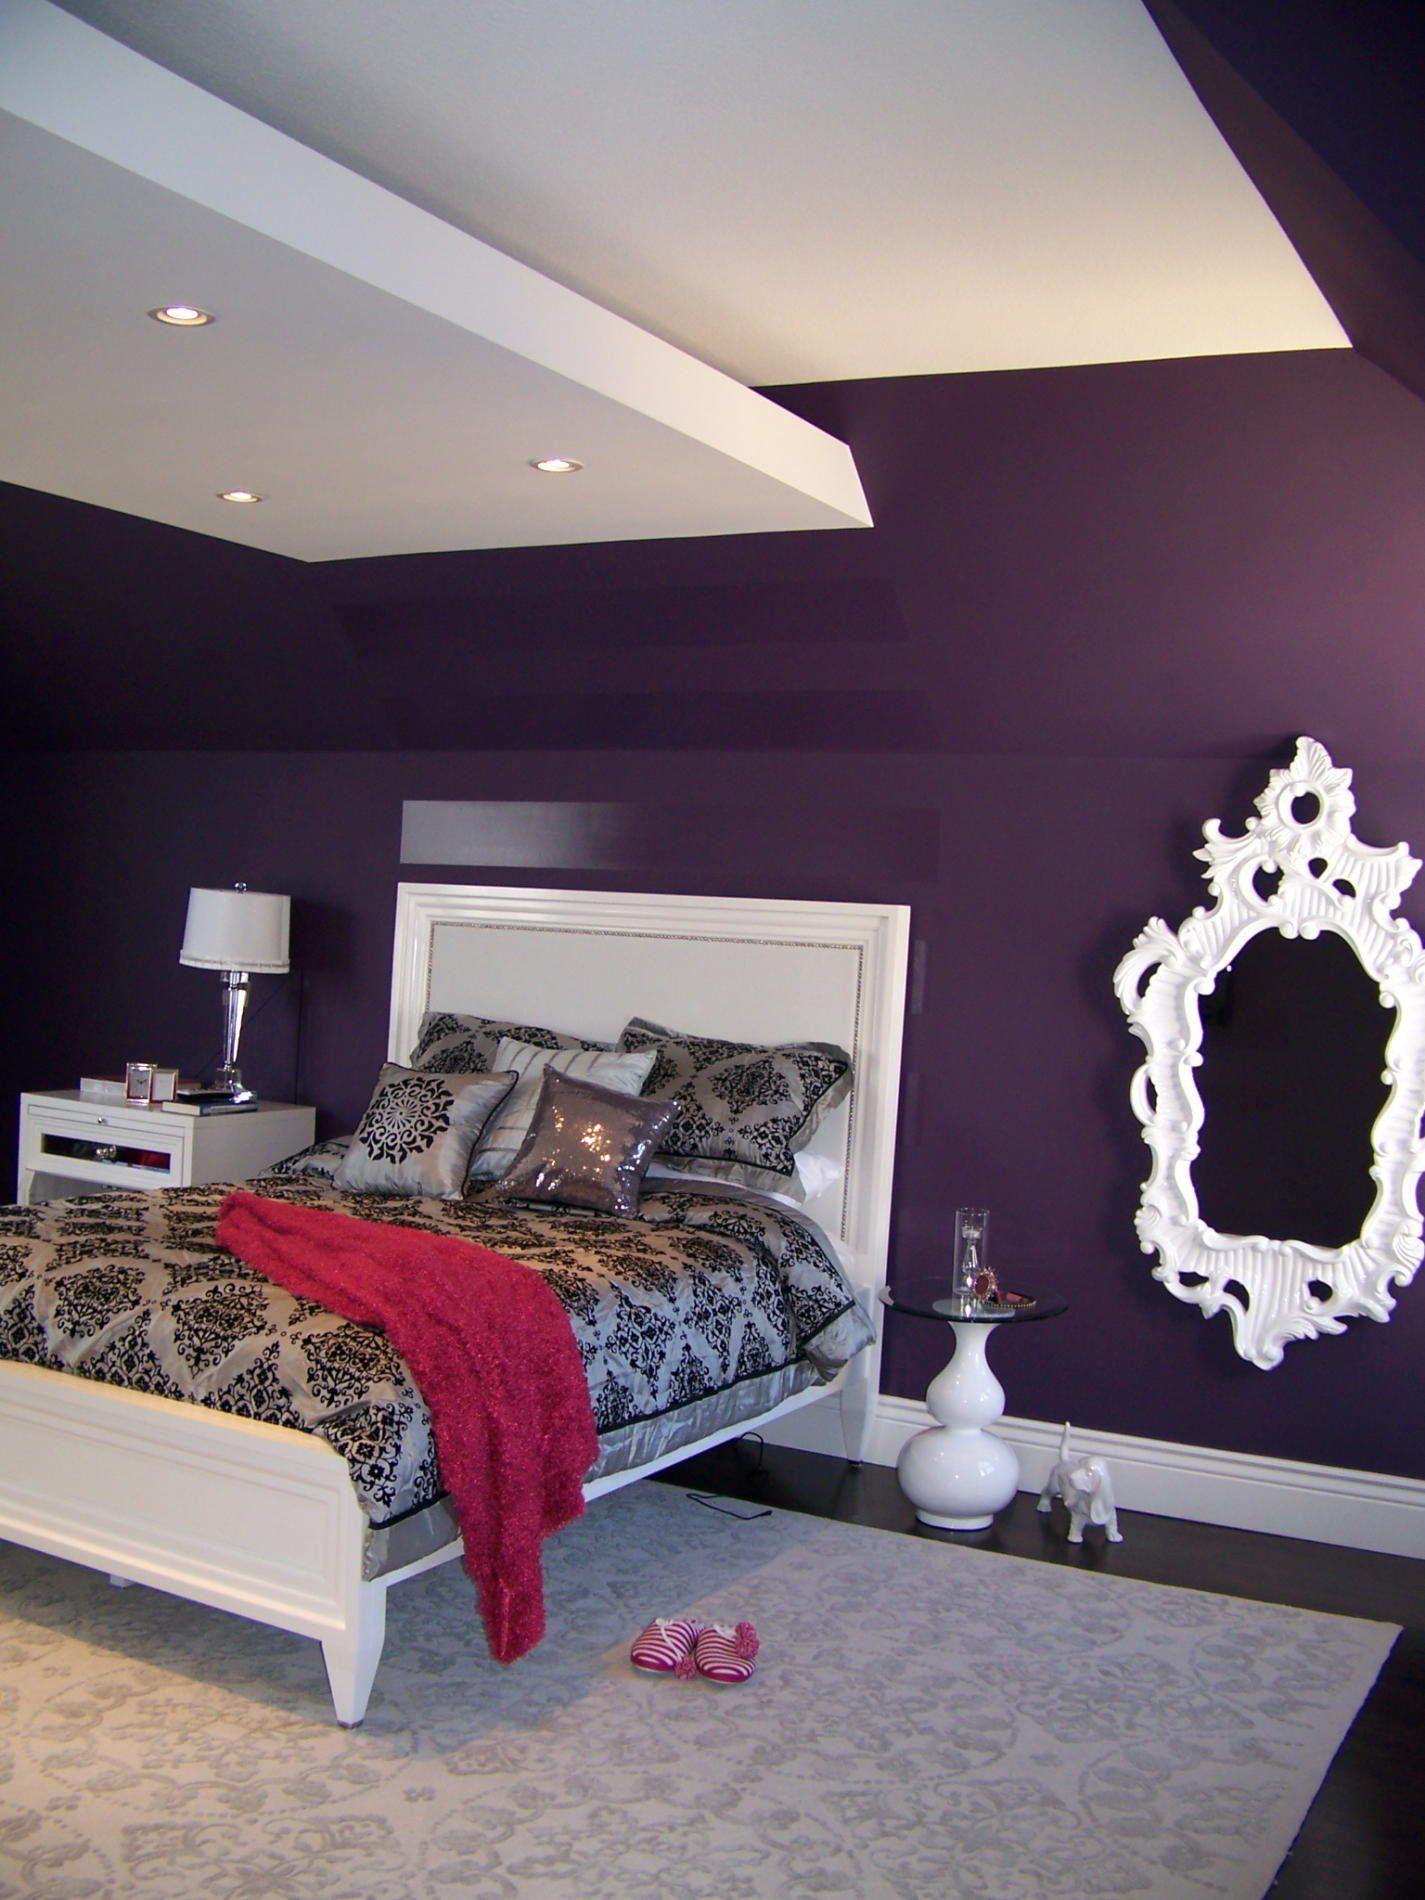 25 Of The Most Beautiful Purple Bedroom Design Ideas Decor Color Scheme Purplebedroom